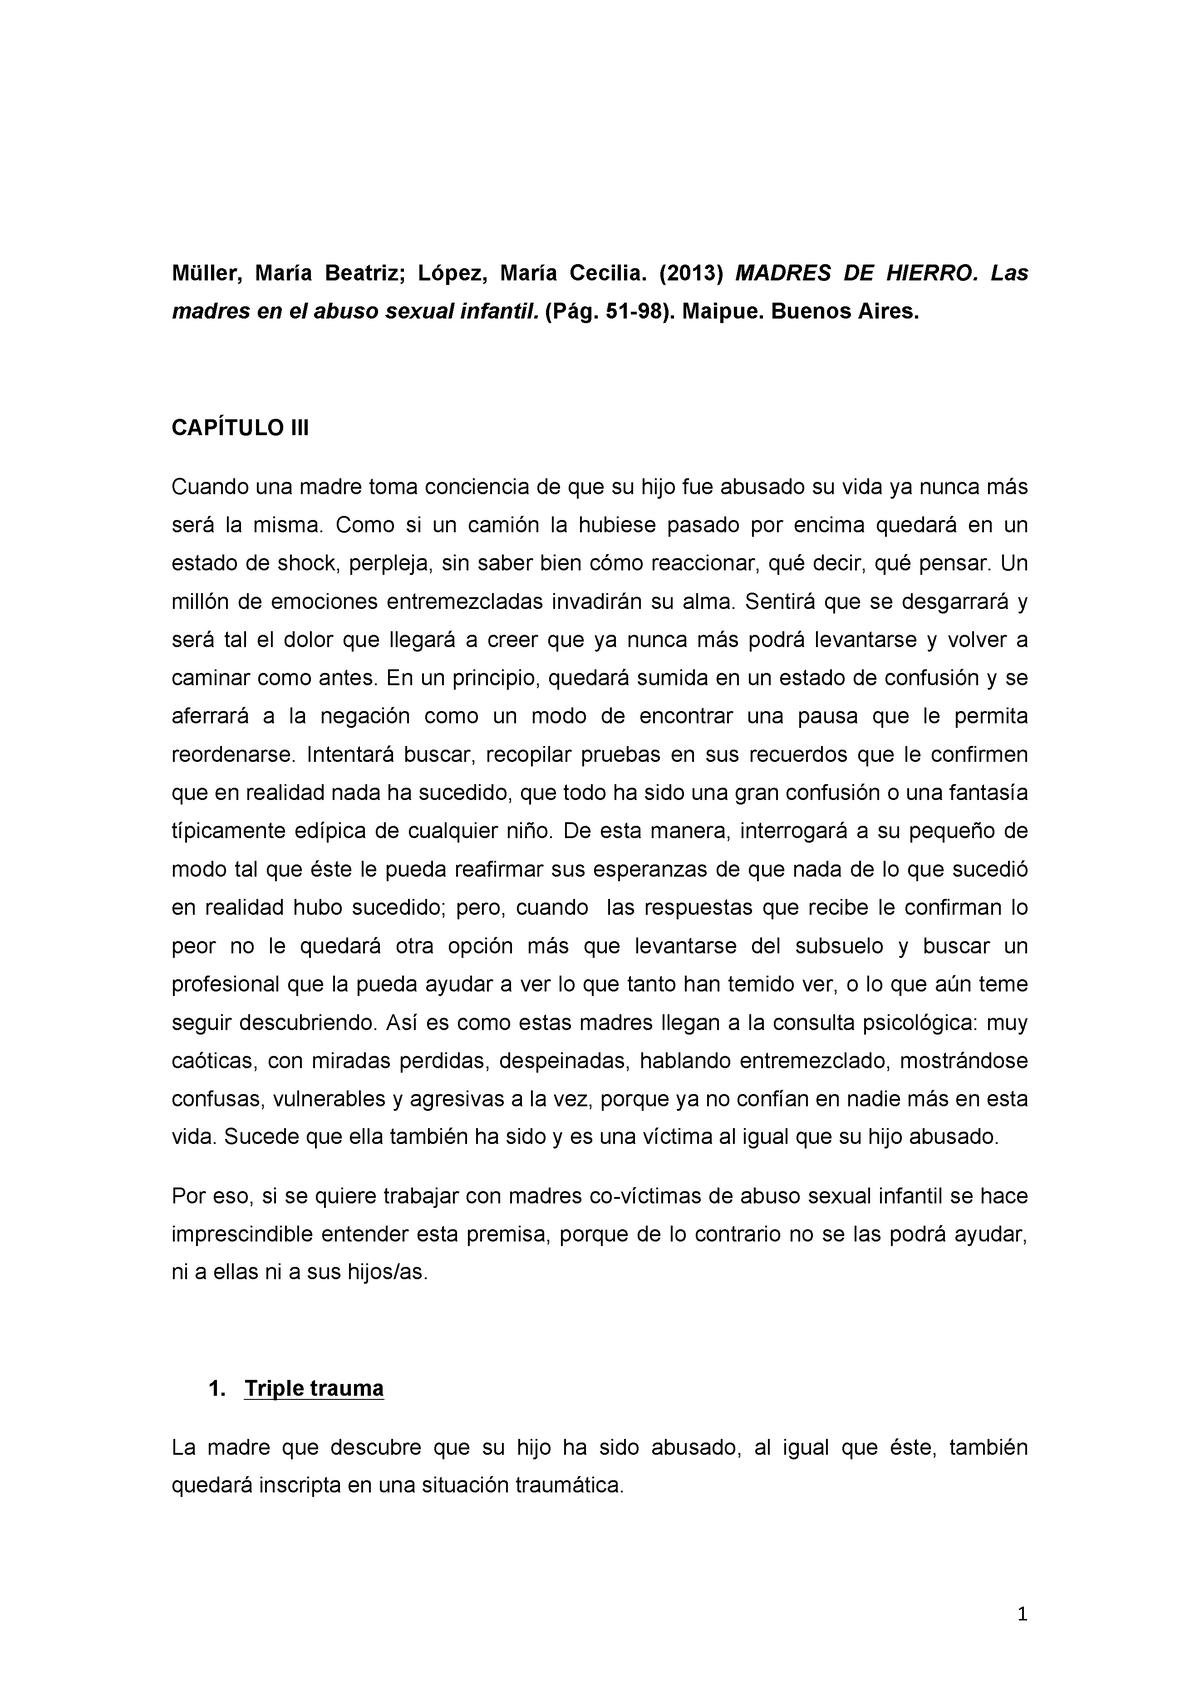 Abusso Internado Mas Ulino Porno madres de hierro ( triple trauma) - - uas - studocu